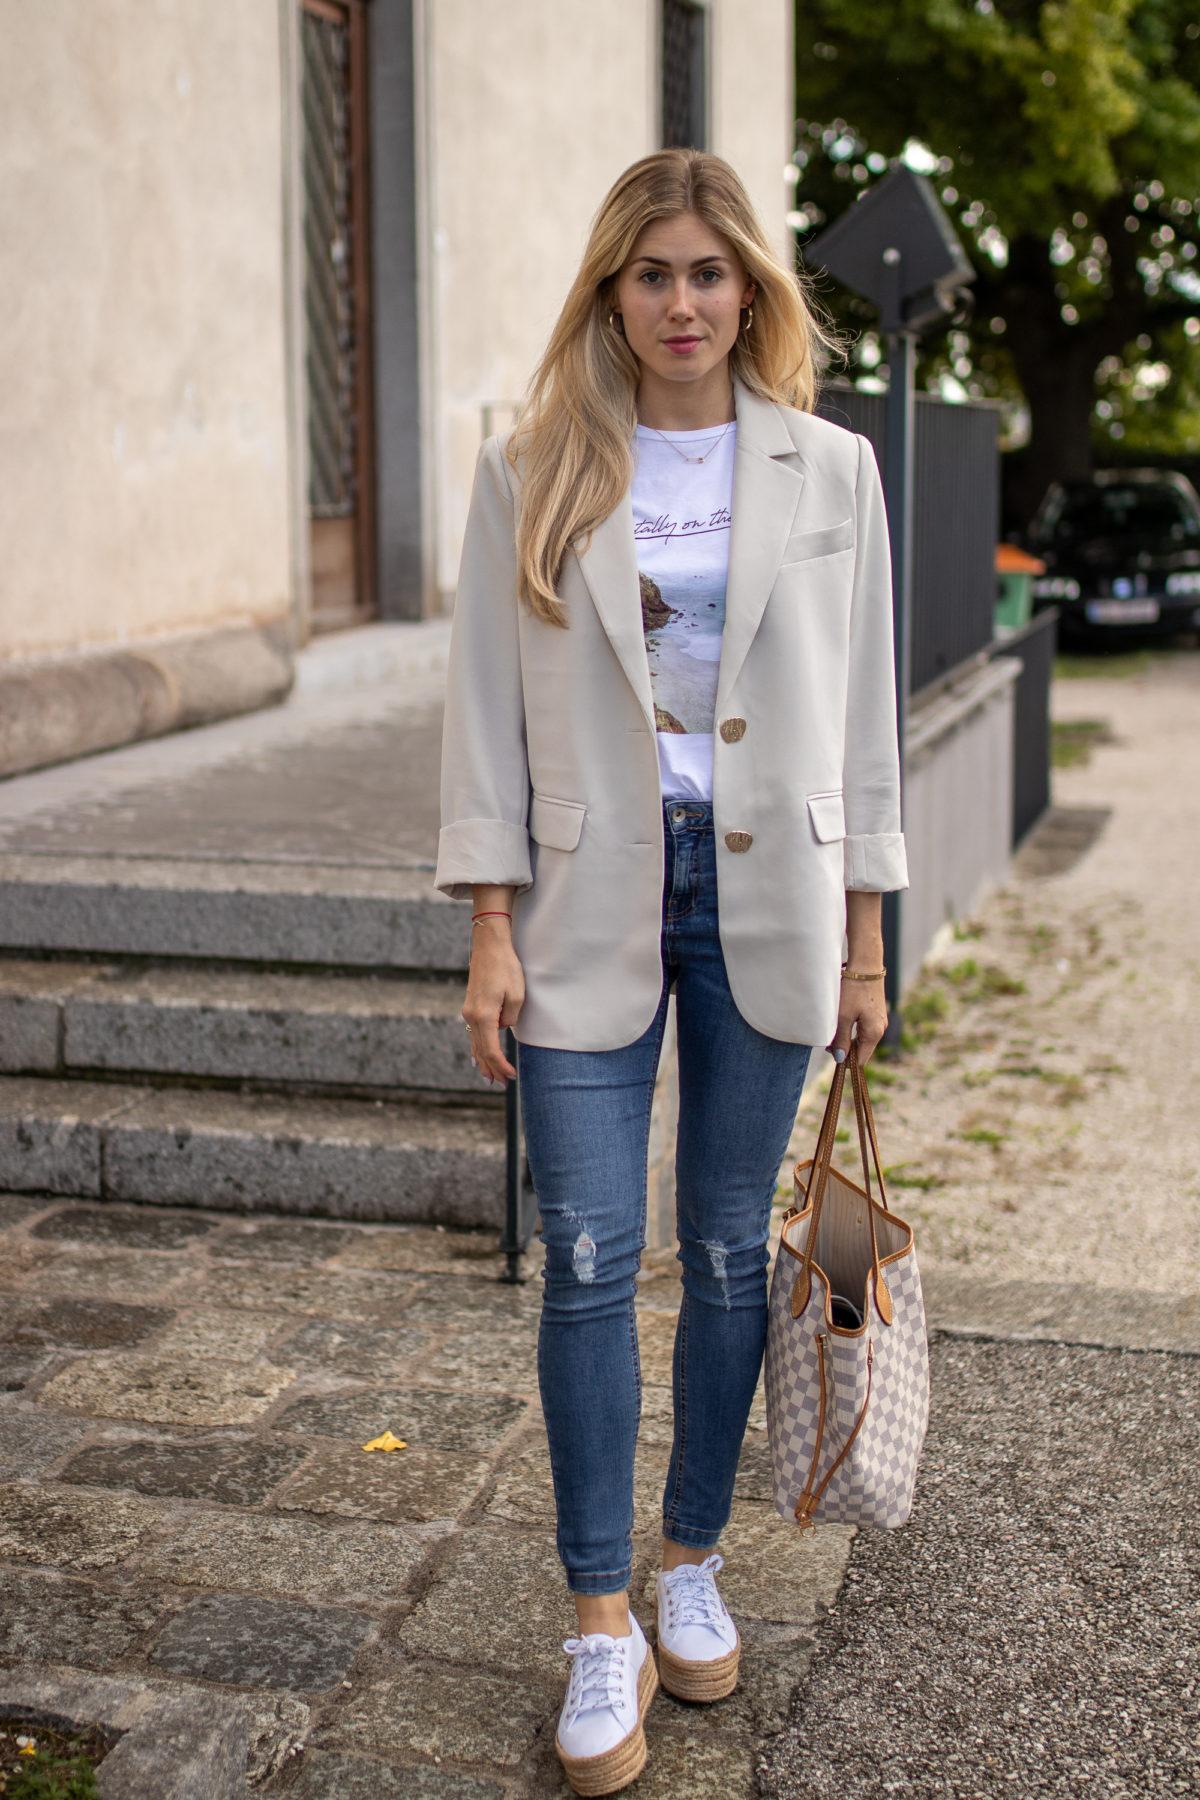 BLOG YOUR SYTLE: Lieblingsblazer auf dem österreichischen Lifestyle Blog Bits and Bobs by Eva. Mehr Fashion auf www.bitsandbobsbyeva.com